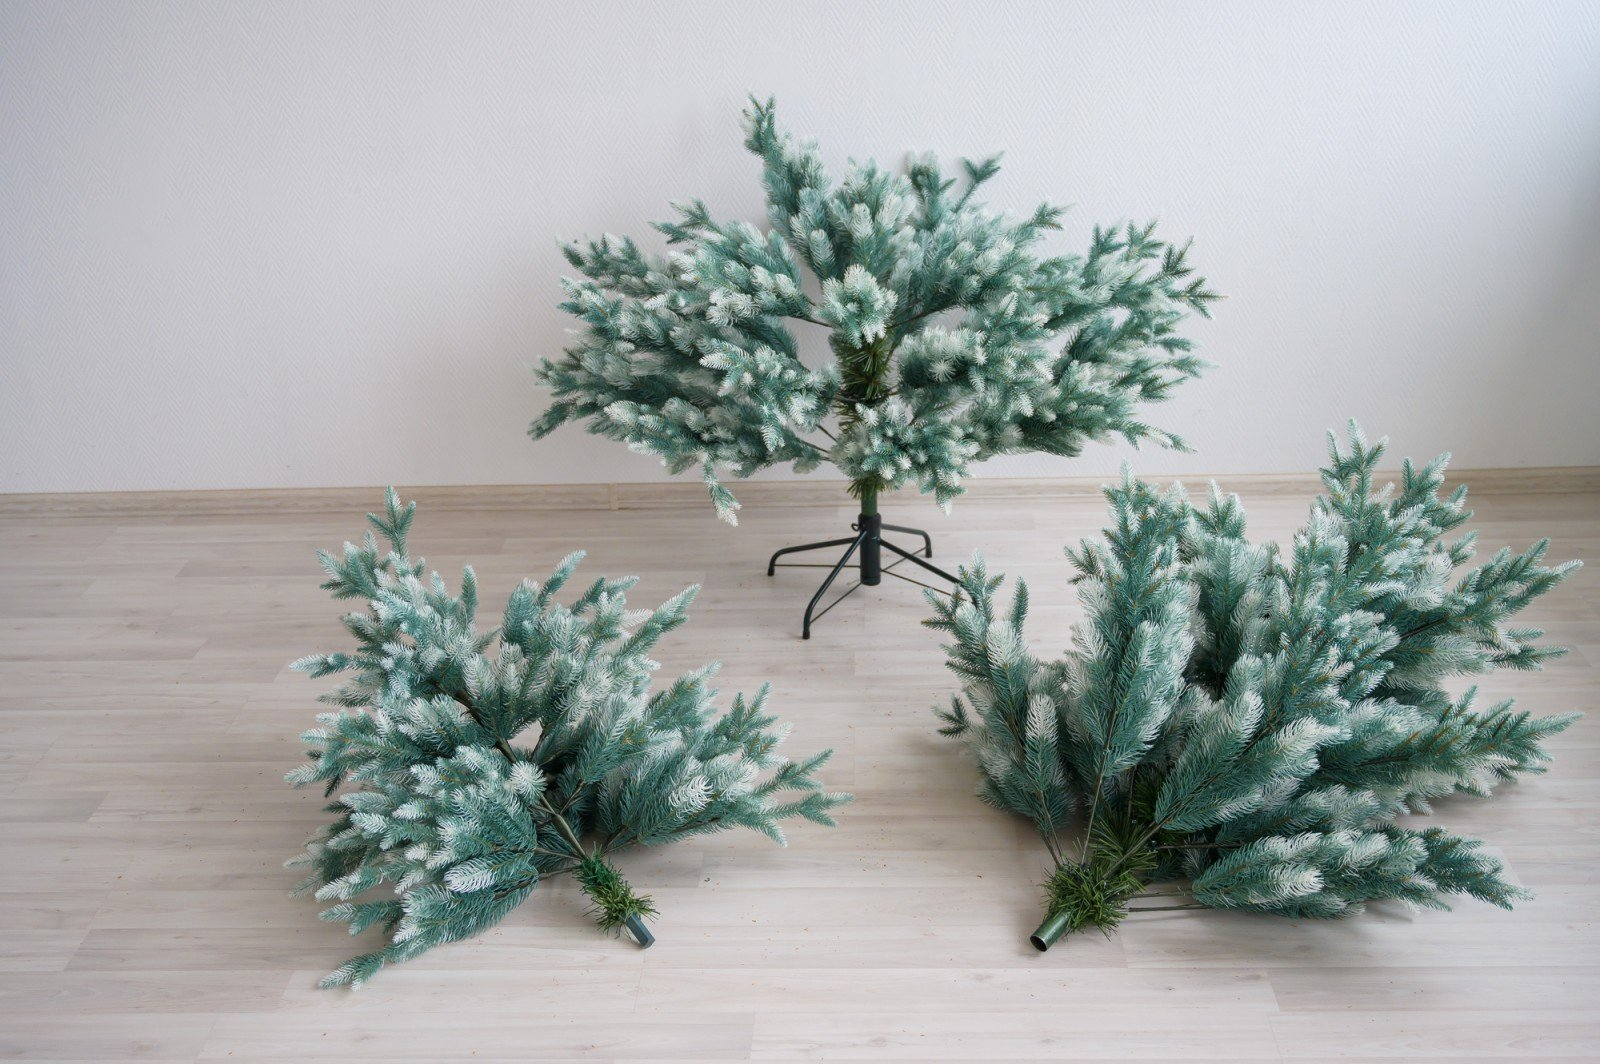 Не сыпется, не колется, не падает: как выбрать искусственную елку, которая радует